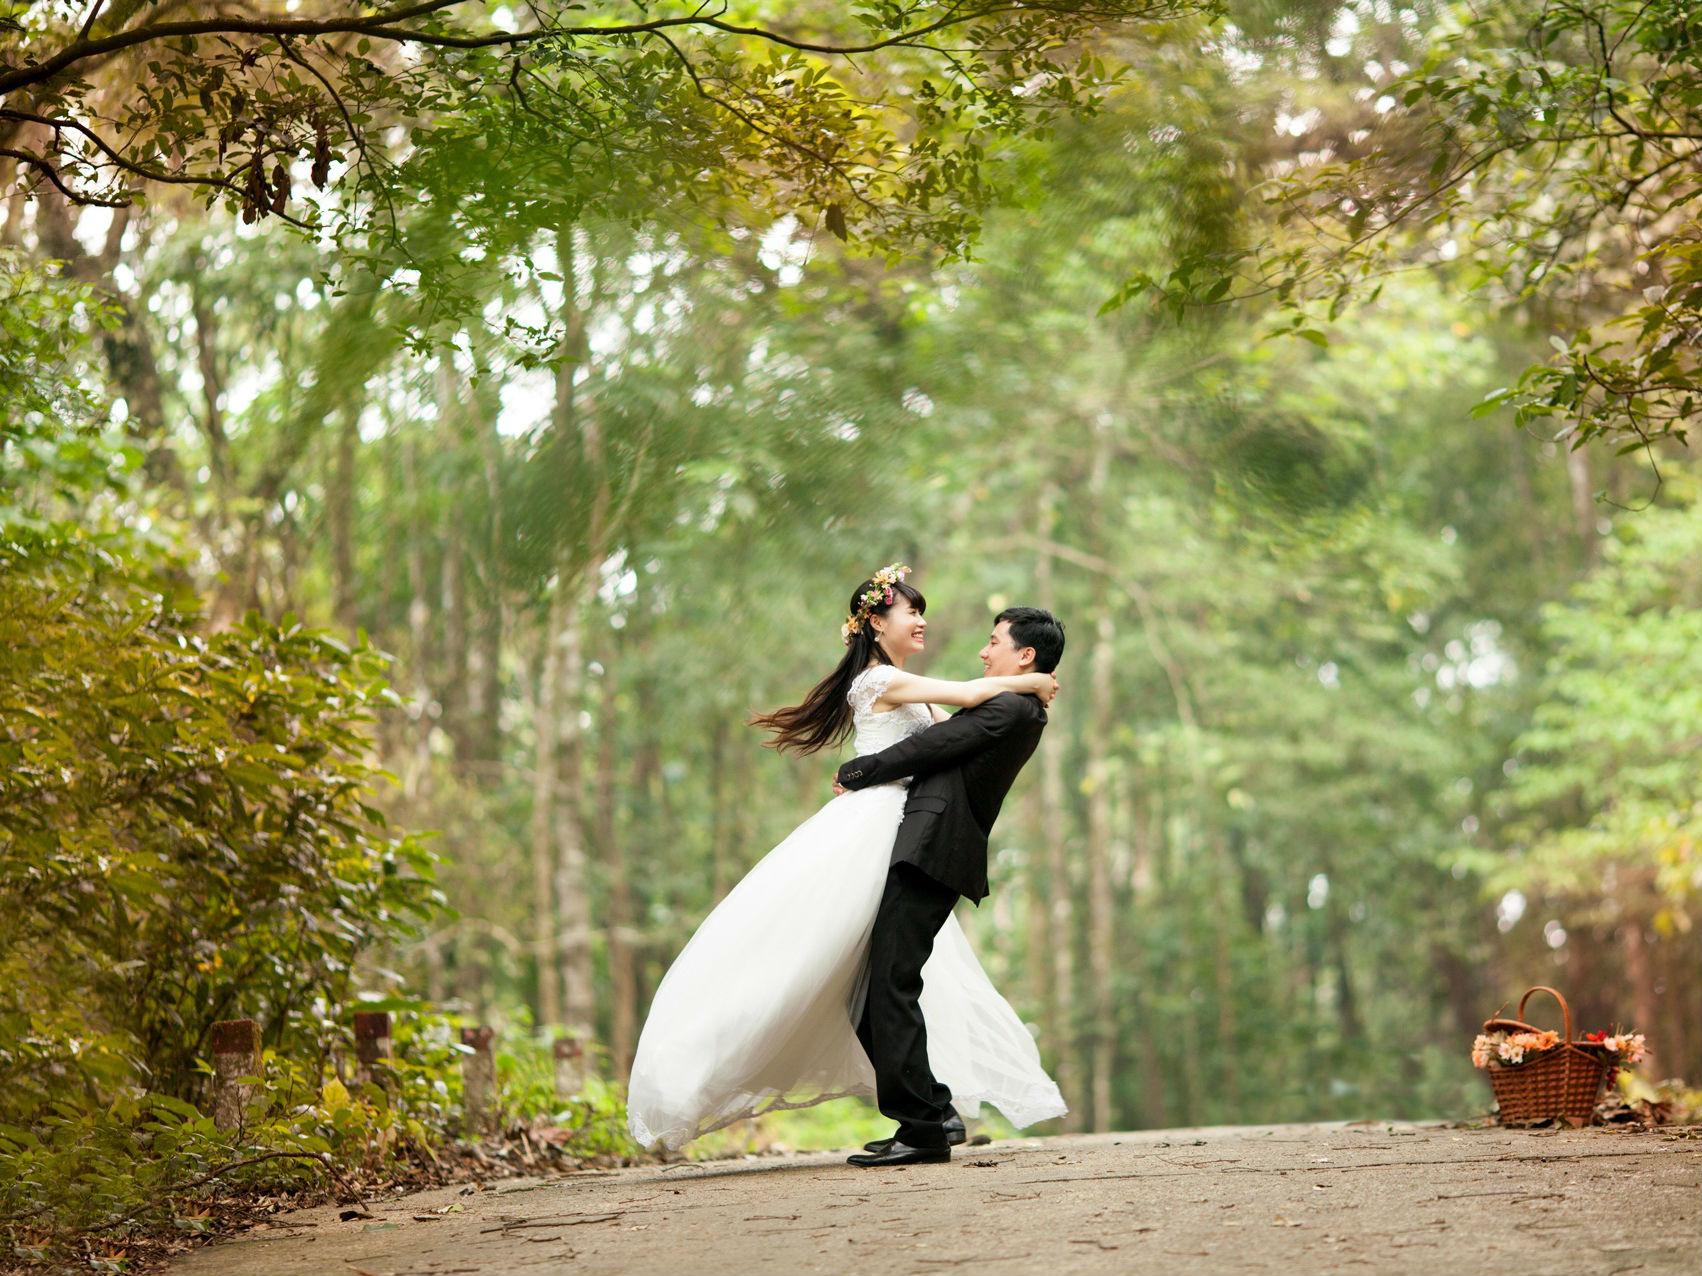 wedding-4x3.jpg